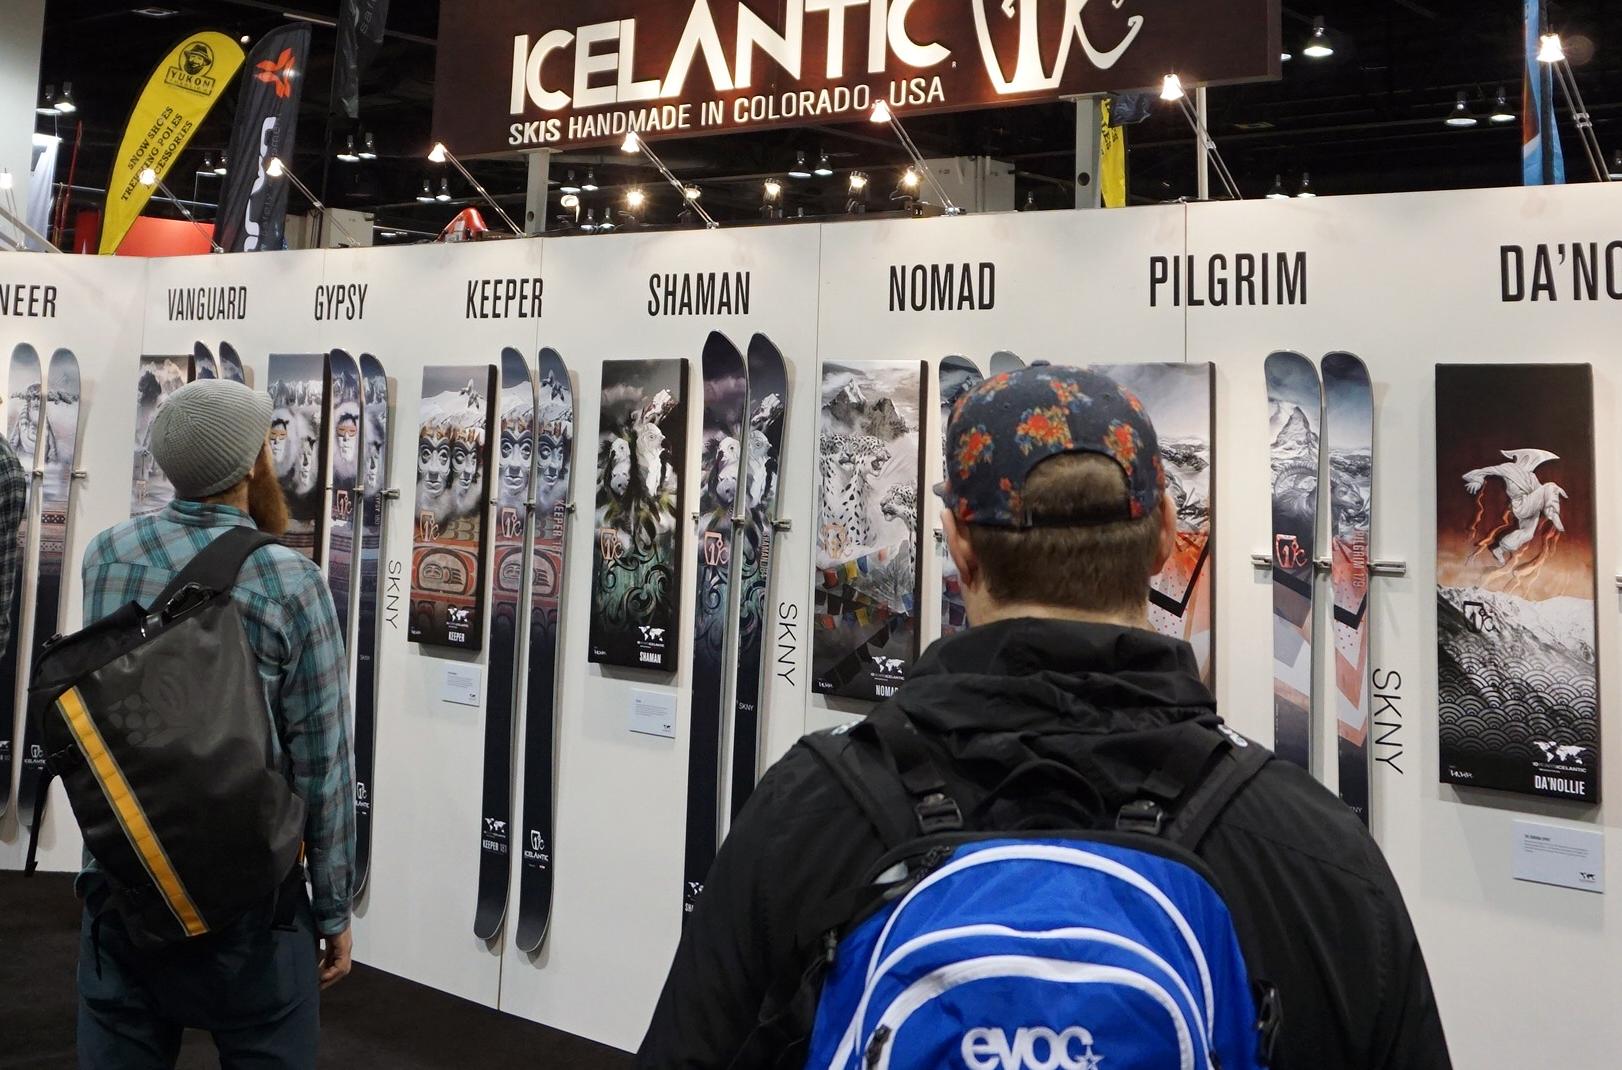 icelantic 2015/16